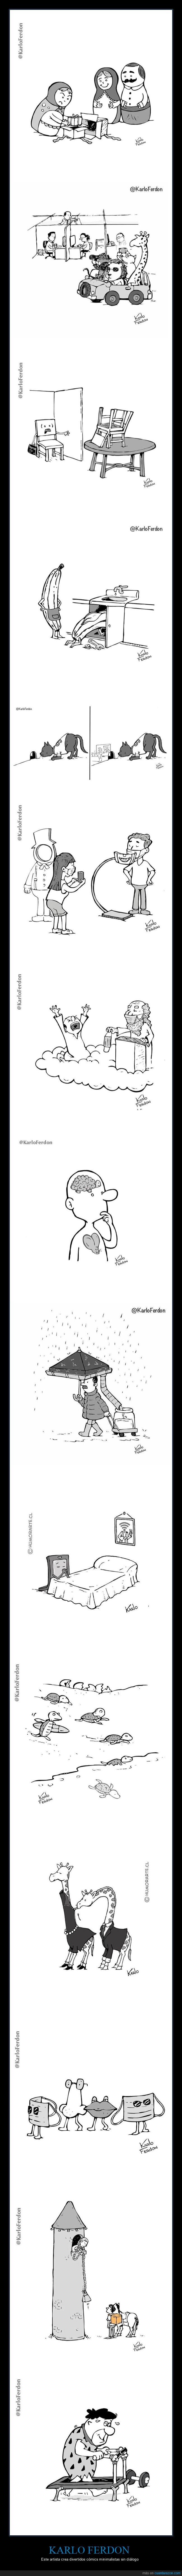 cómics,karlo ferdon